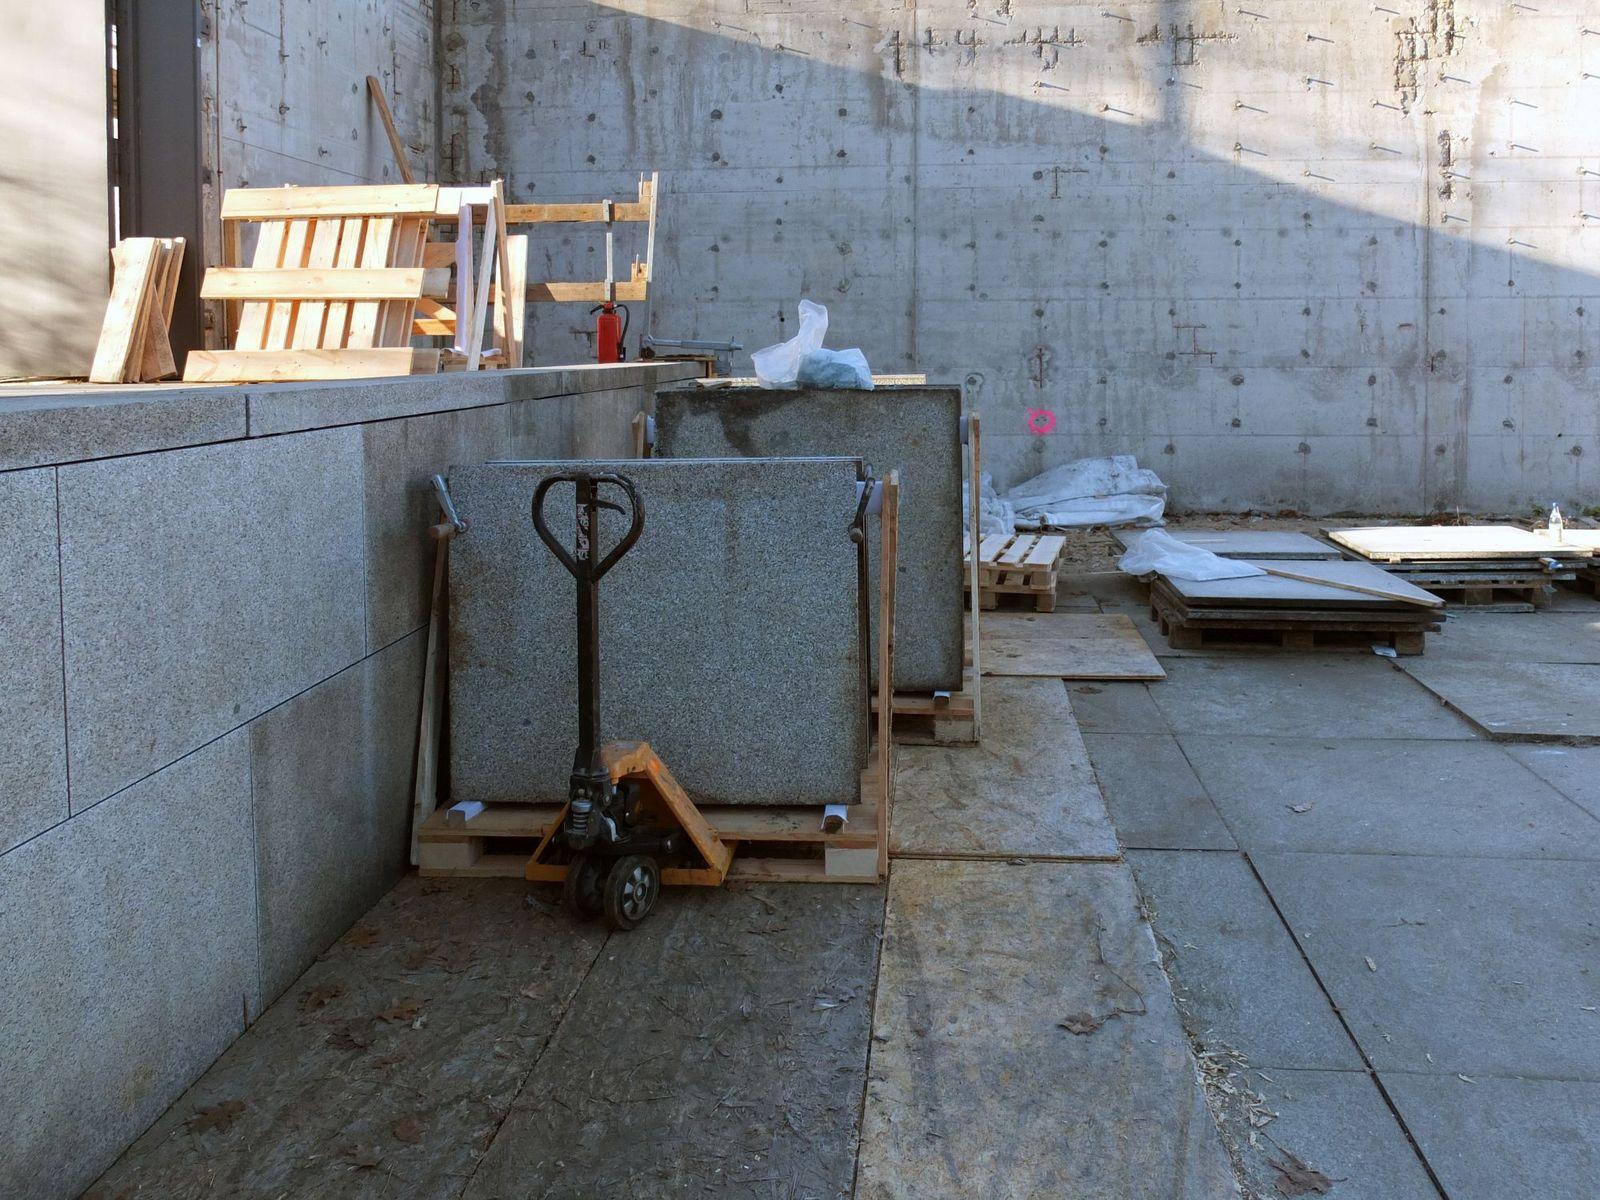 Demontage der Granitplatten im Skulpturengarten. Foto: schmedding.vonmarlin.